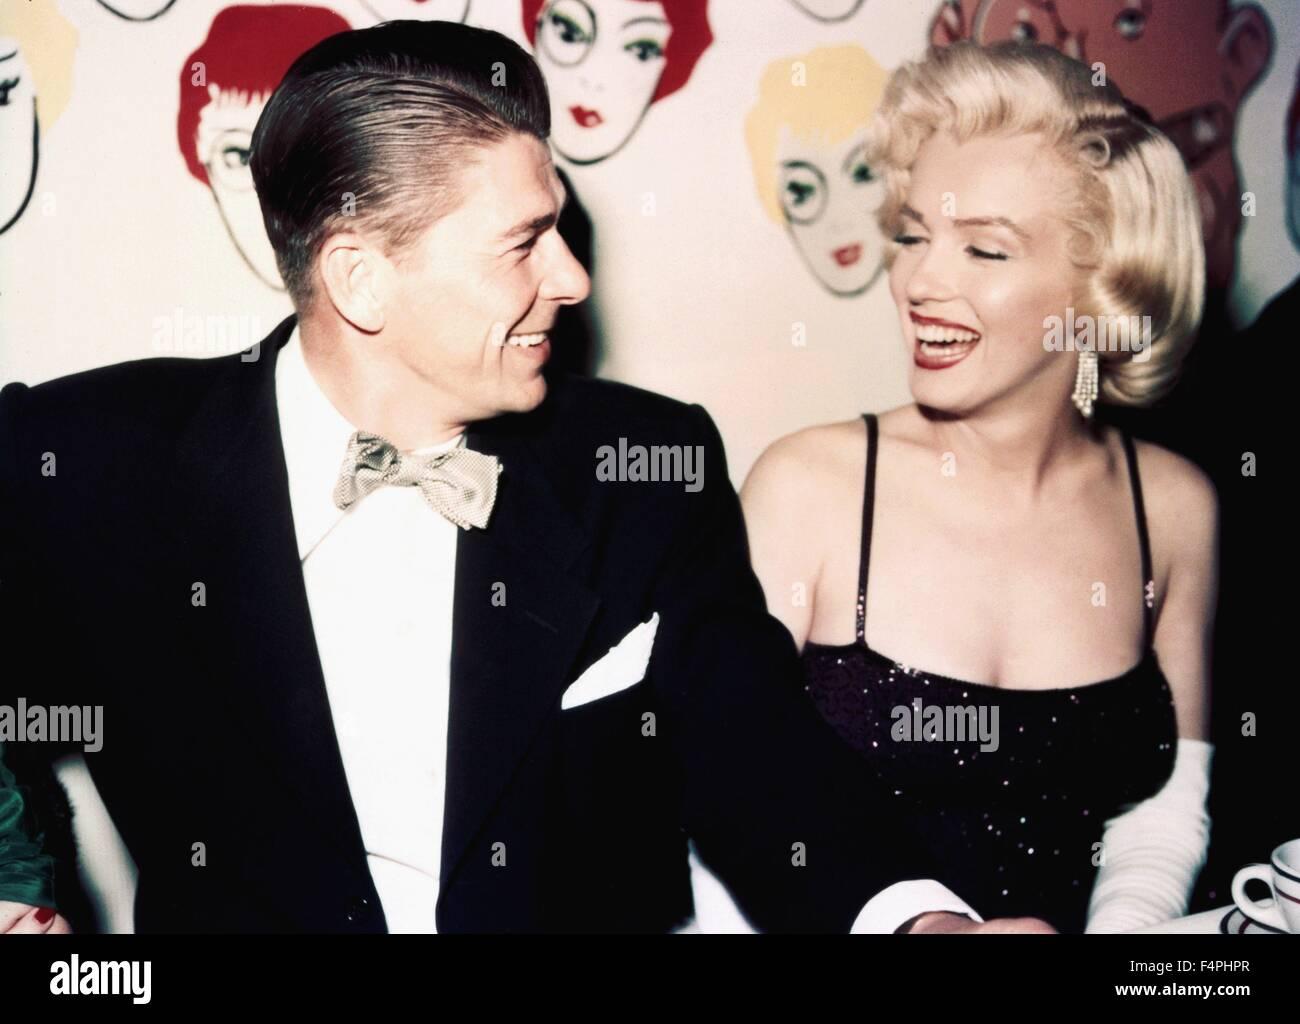 Ronald Reagan and Marilyn Monroe/ 1953 Hollywood, California, USA - Stock Image